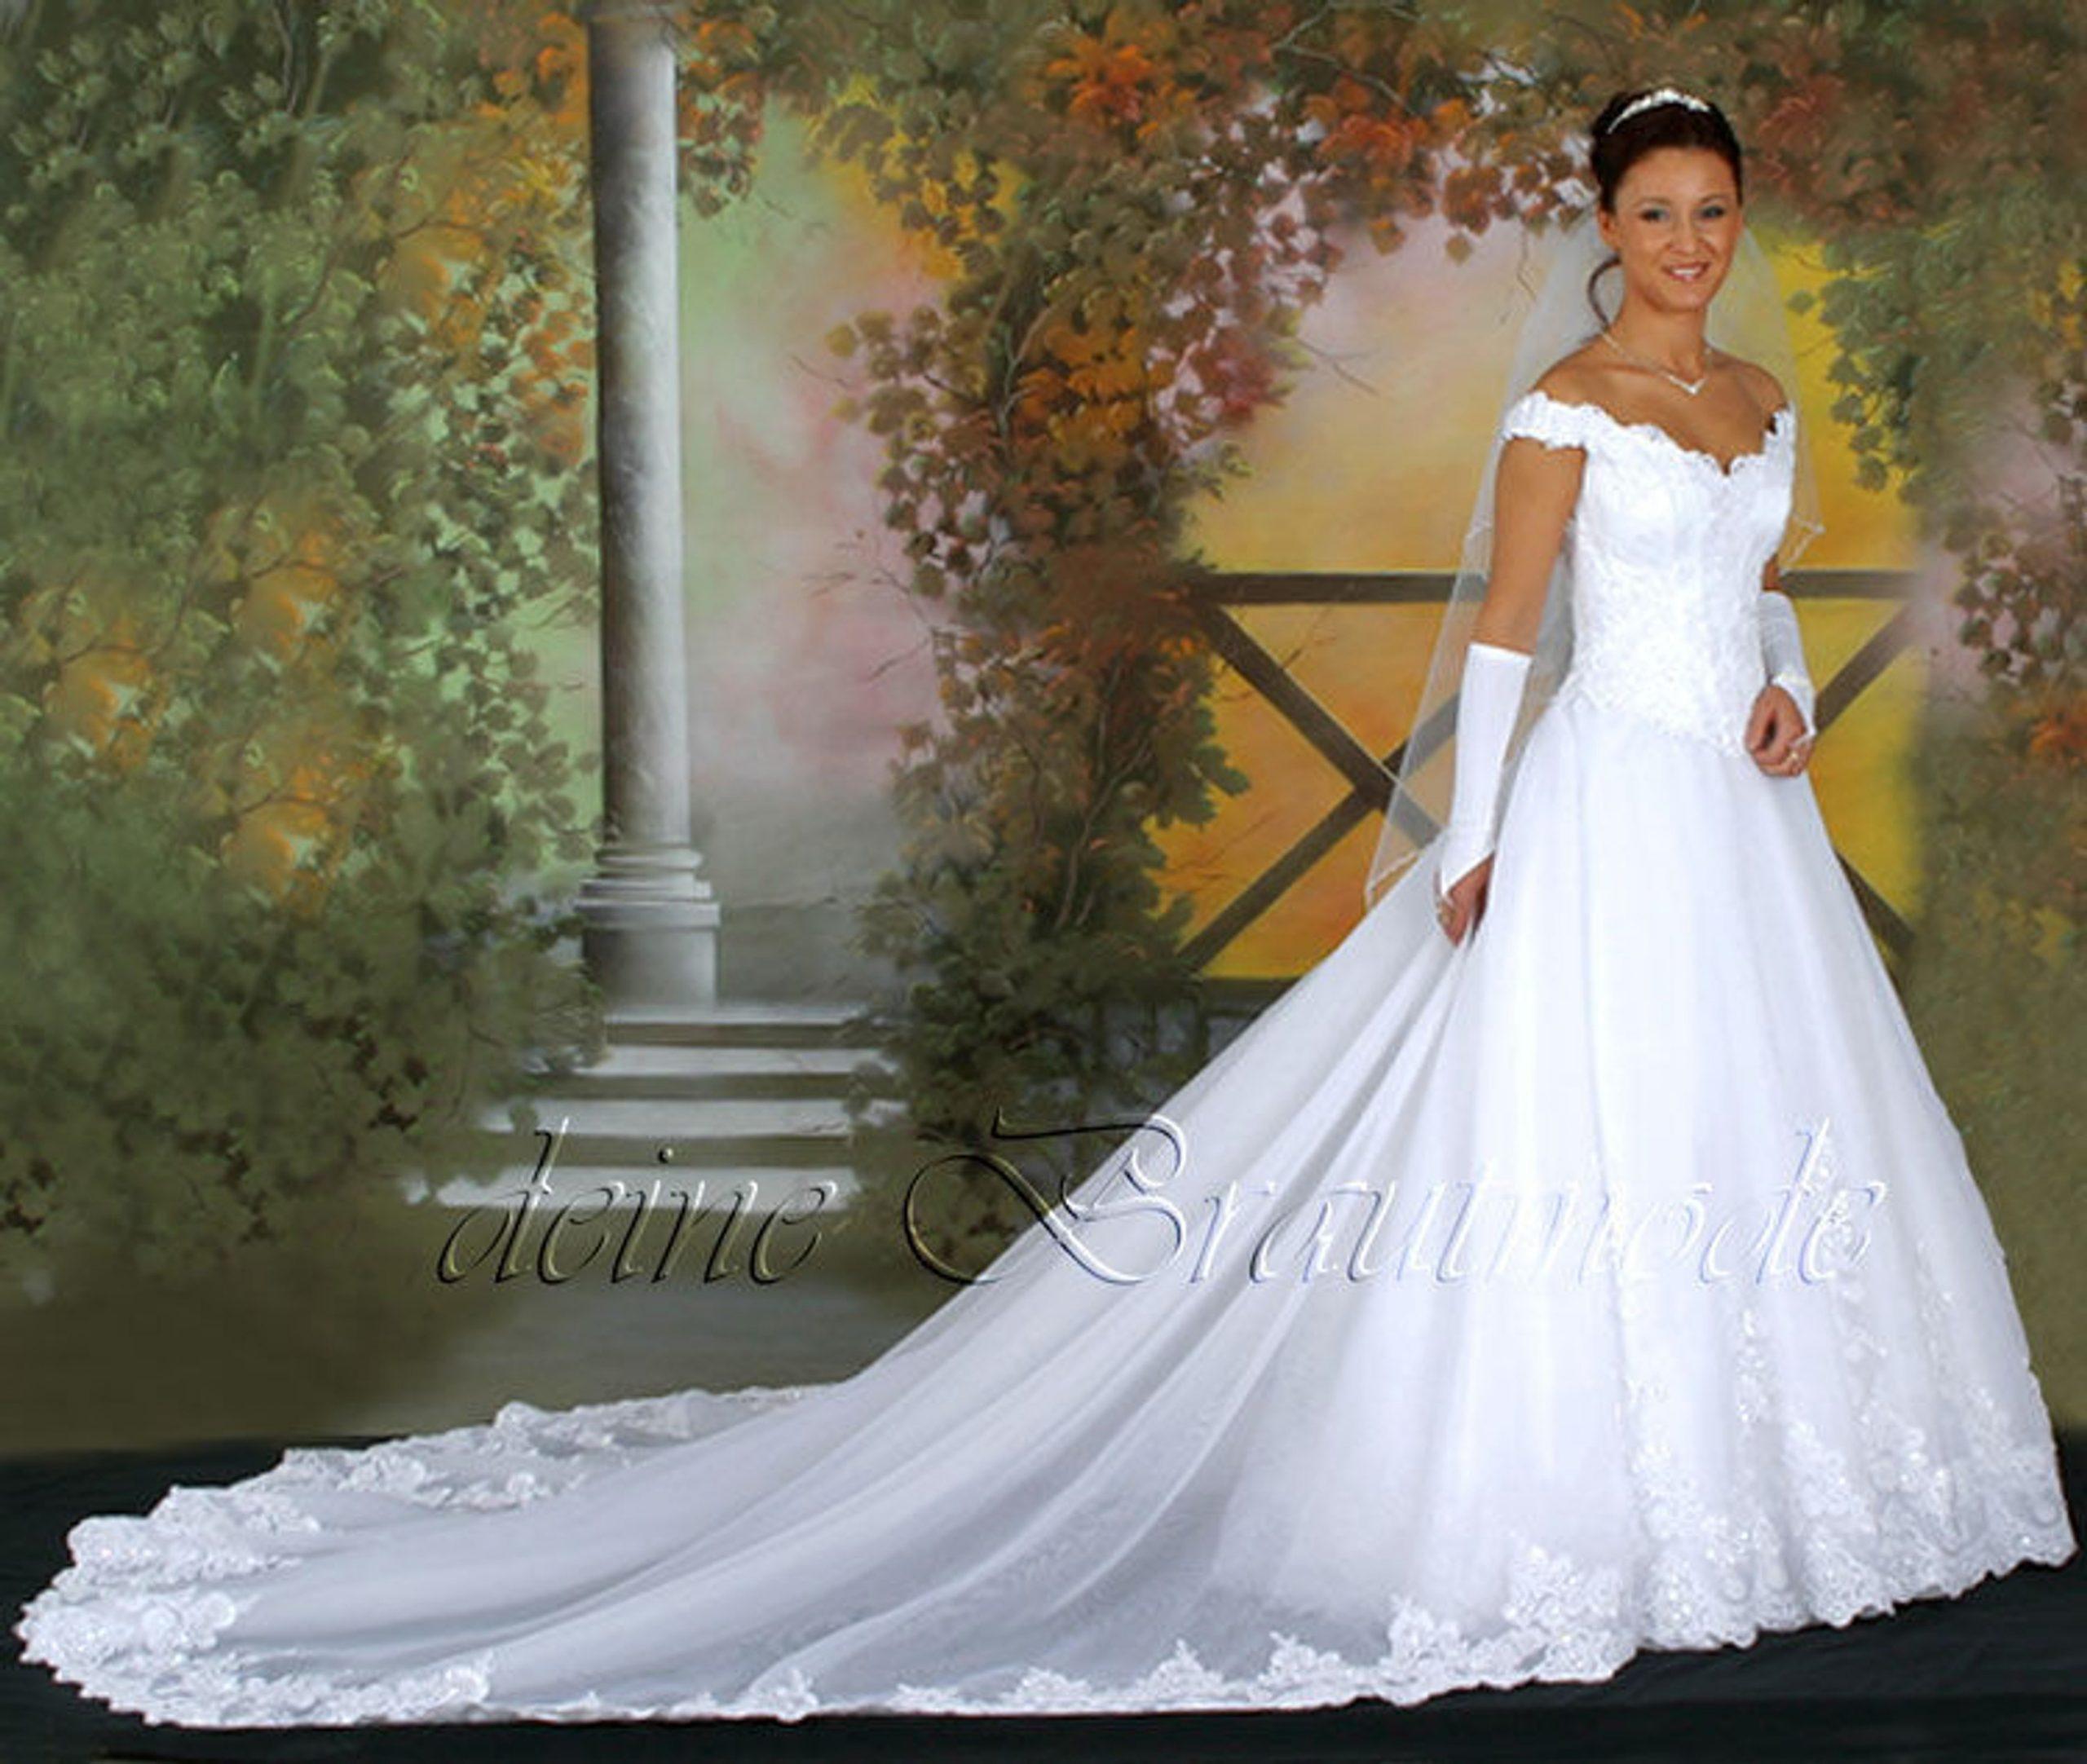 17 Kreativ Kleid Mit Schleppe DesignDesigner Elegant Kleid Mit Schleppe Vertrieb